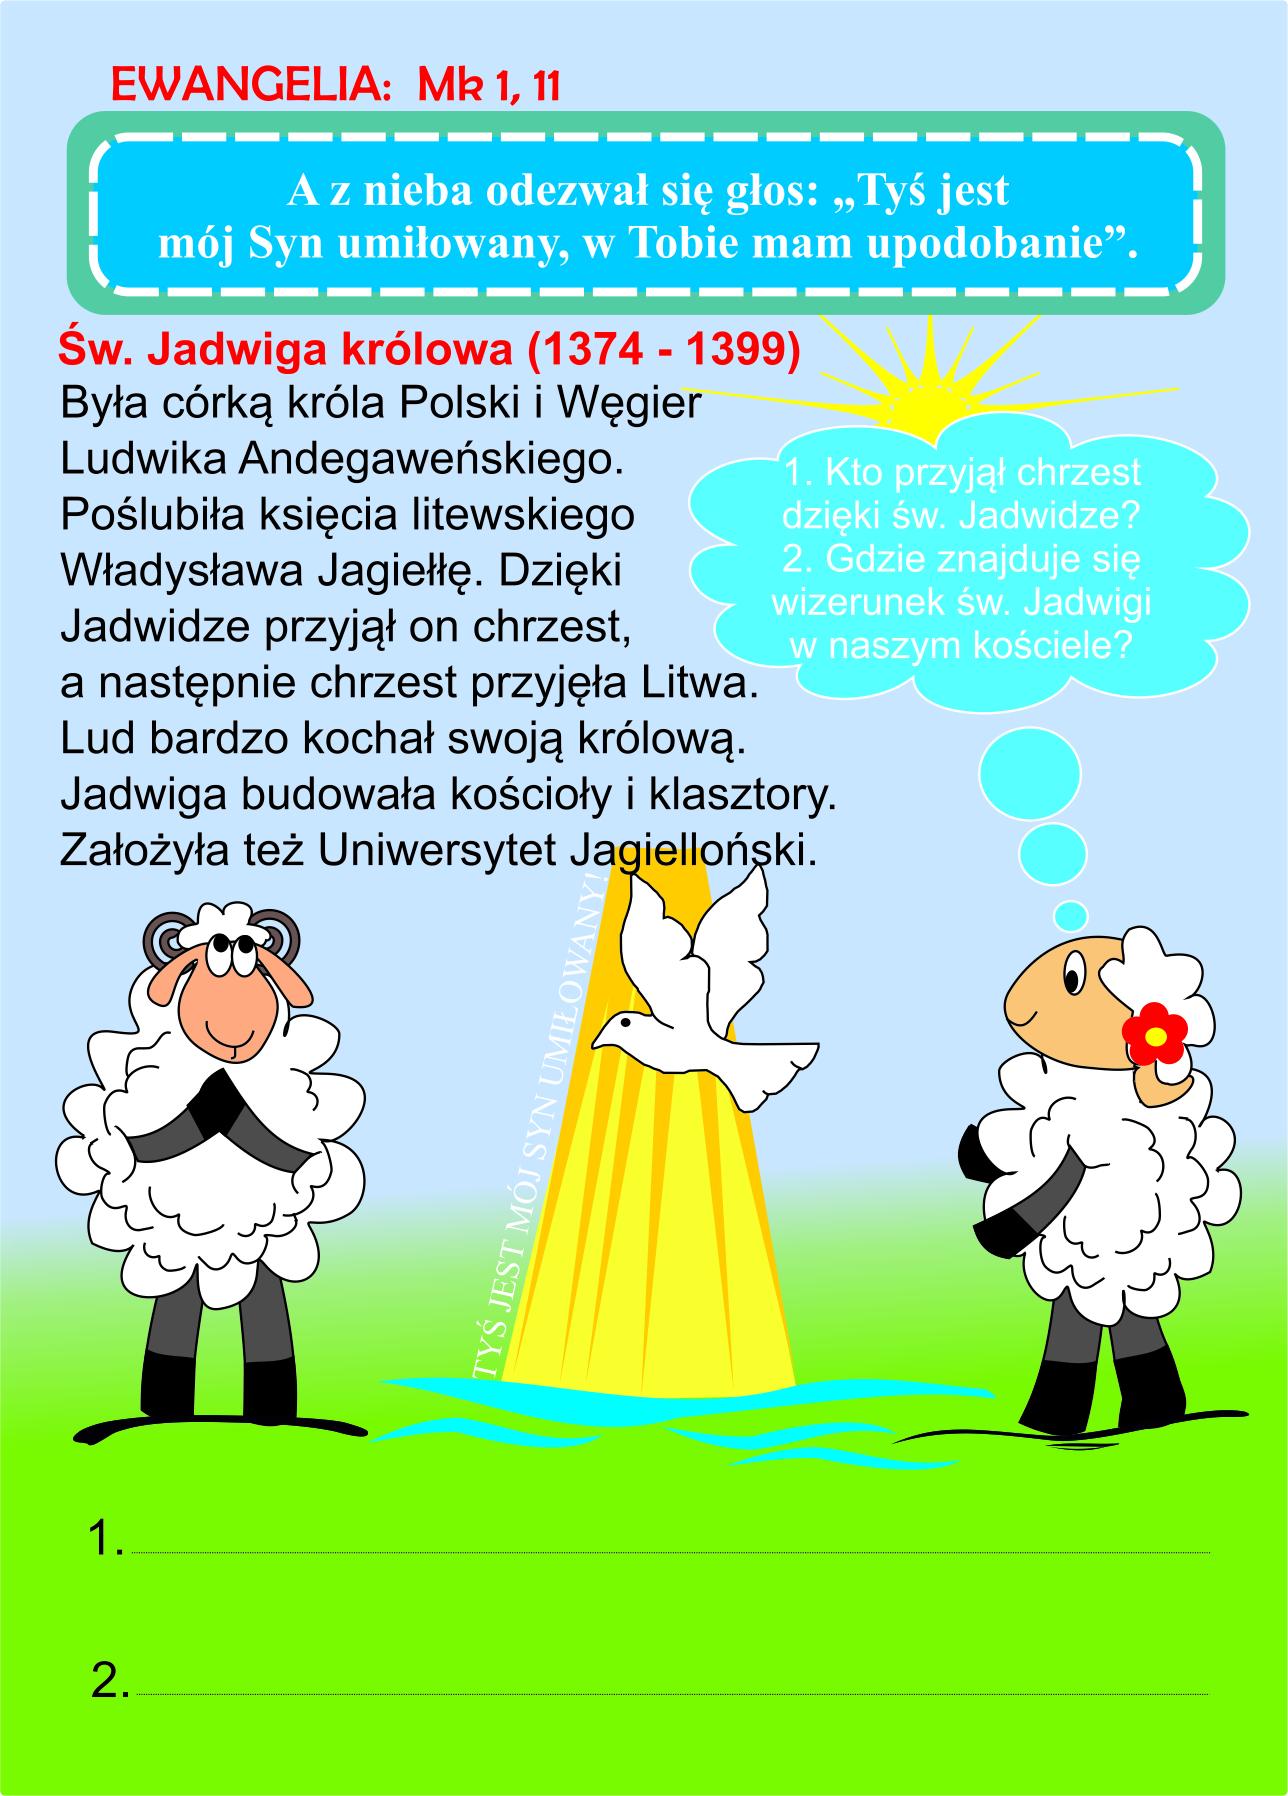 JADWIGA str 2